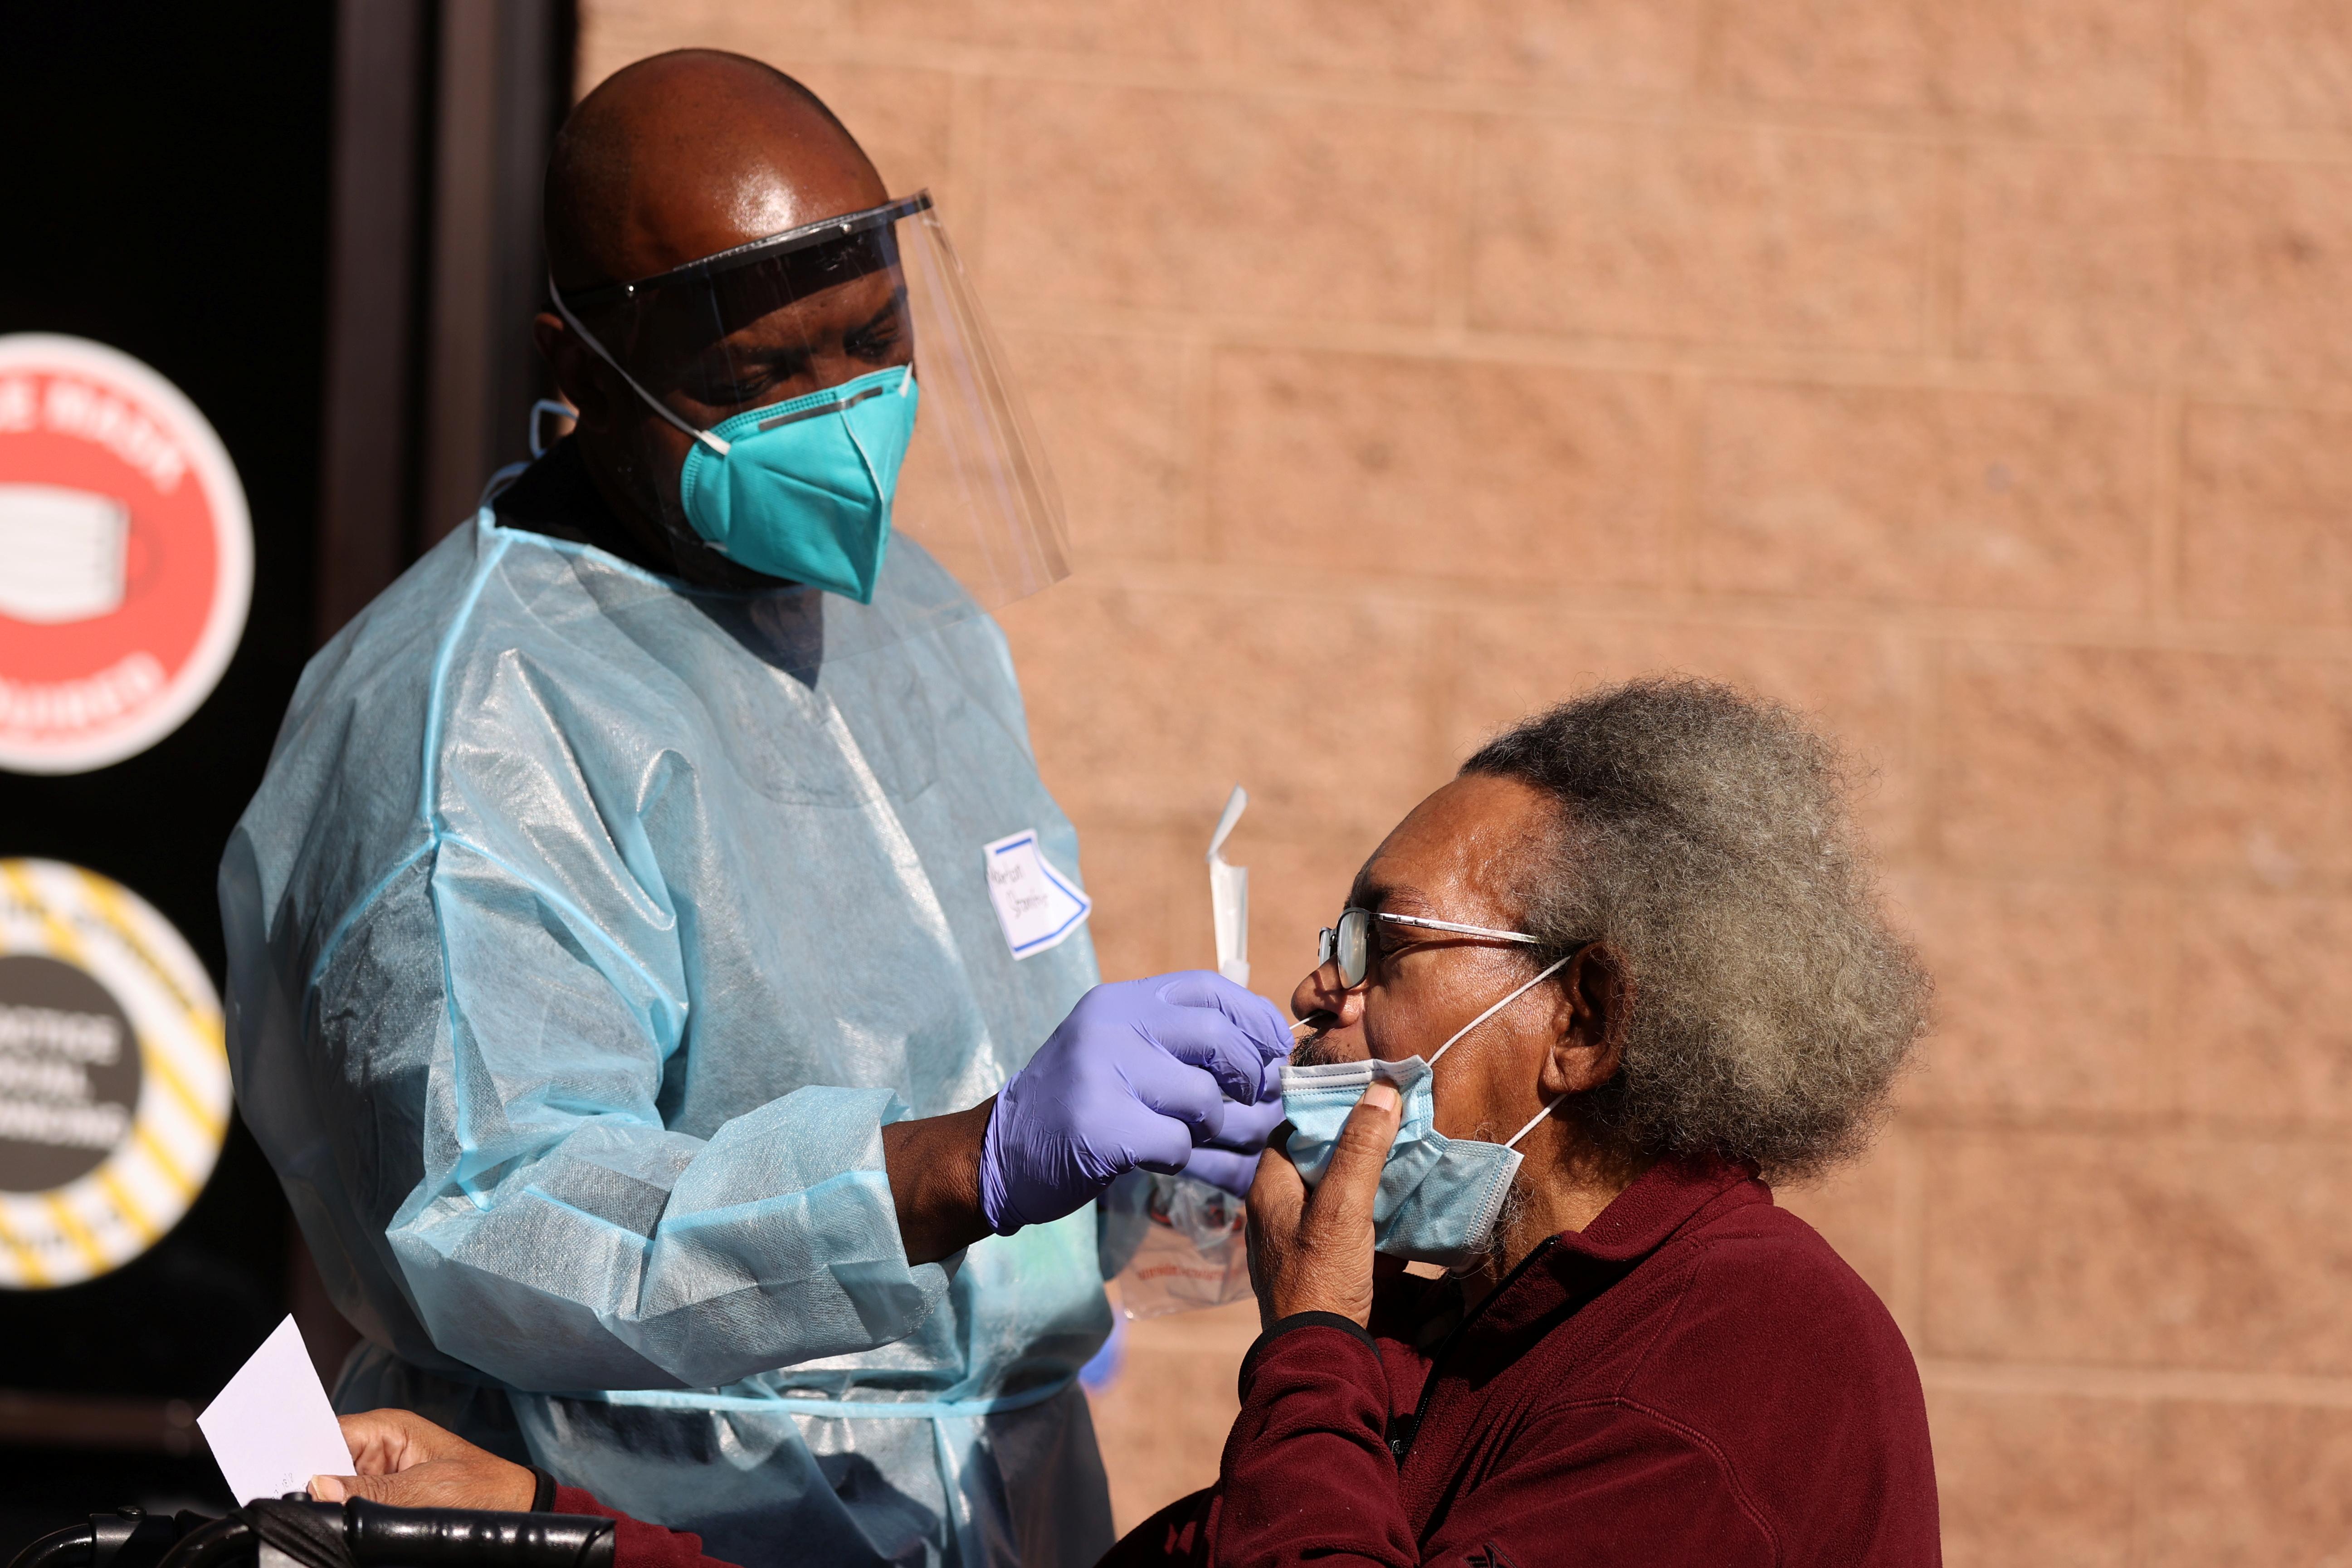 加州洛杉磯縣的衛生部門官員指,如果情況持續,未來2至4星期醫院病床將出現短缺。圖為一名護士在洛杉磯的無家可歸者收容所為入住民眾進行測試。    路透社